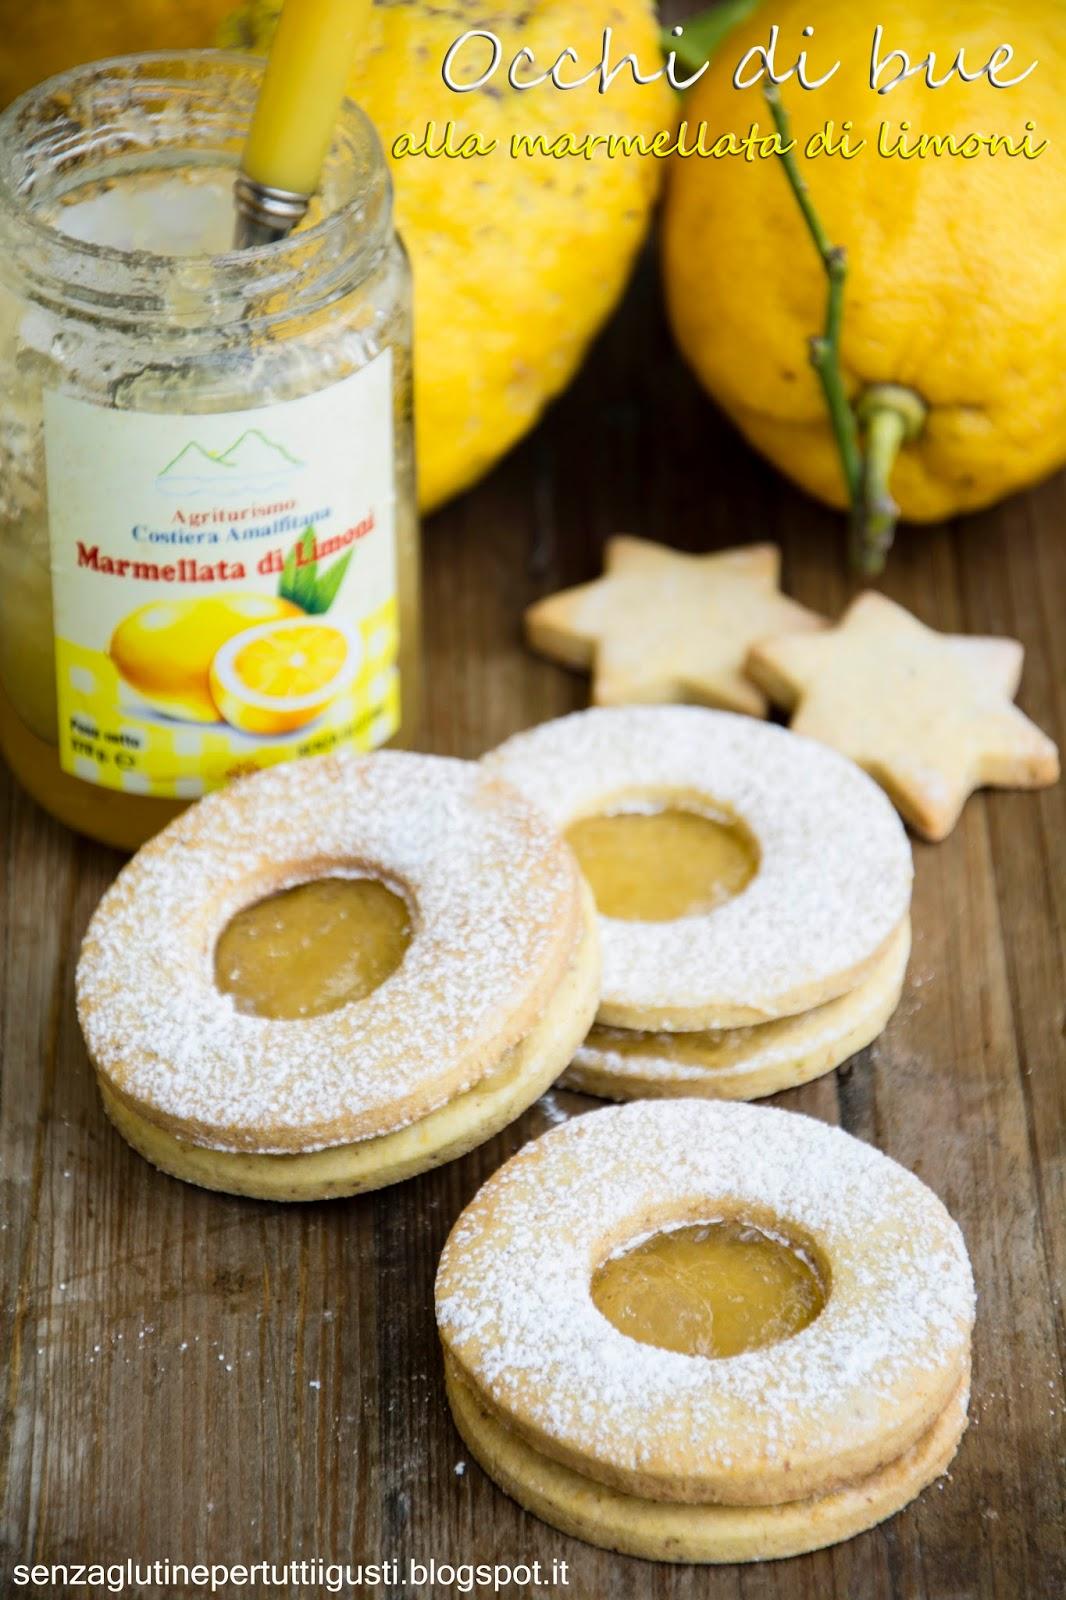 occhi di bue ai pistacchi con marmellata di limoni di amalfi